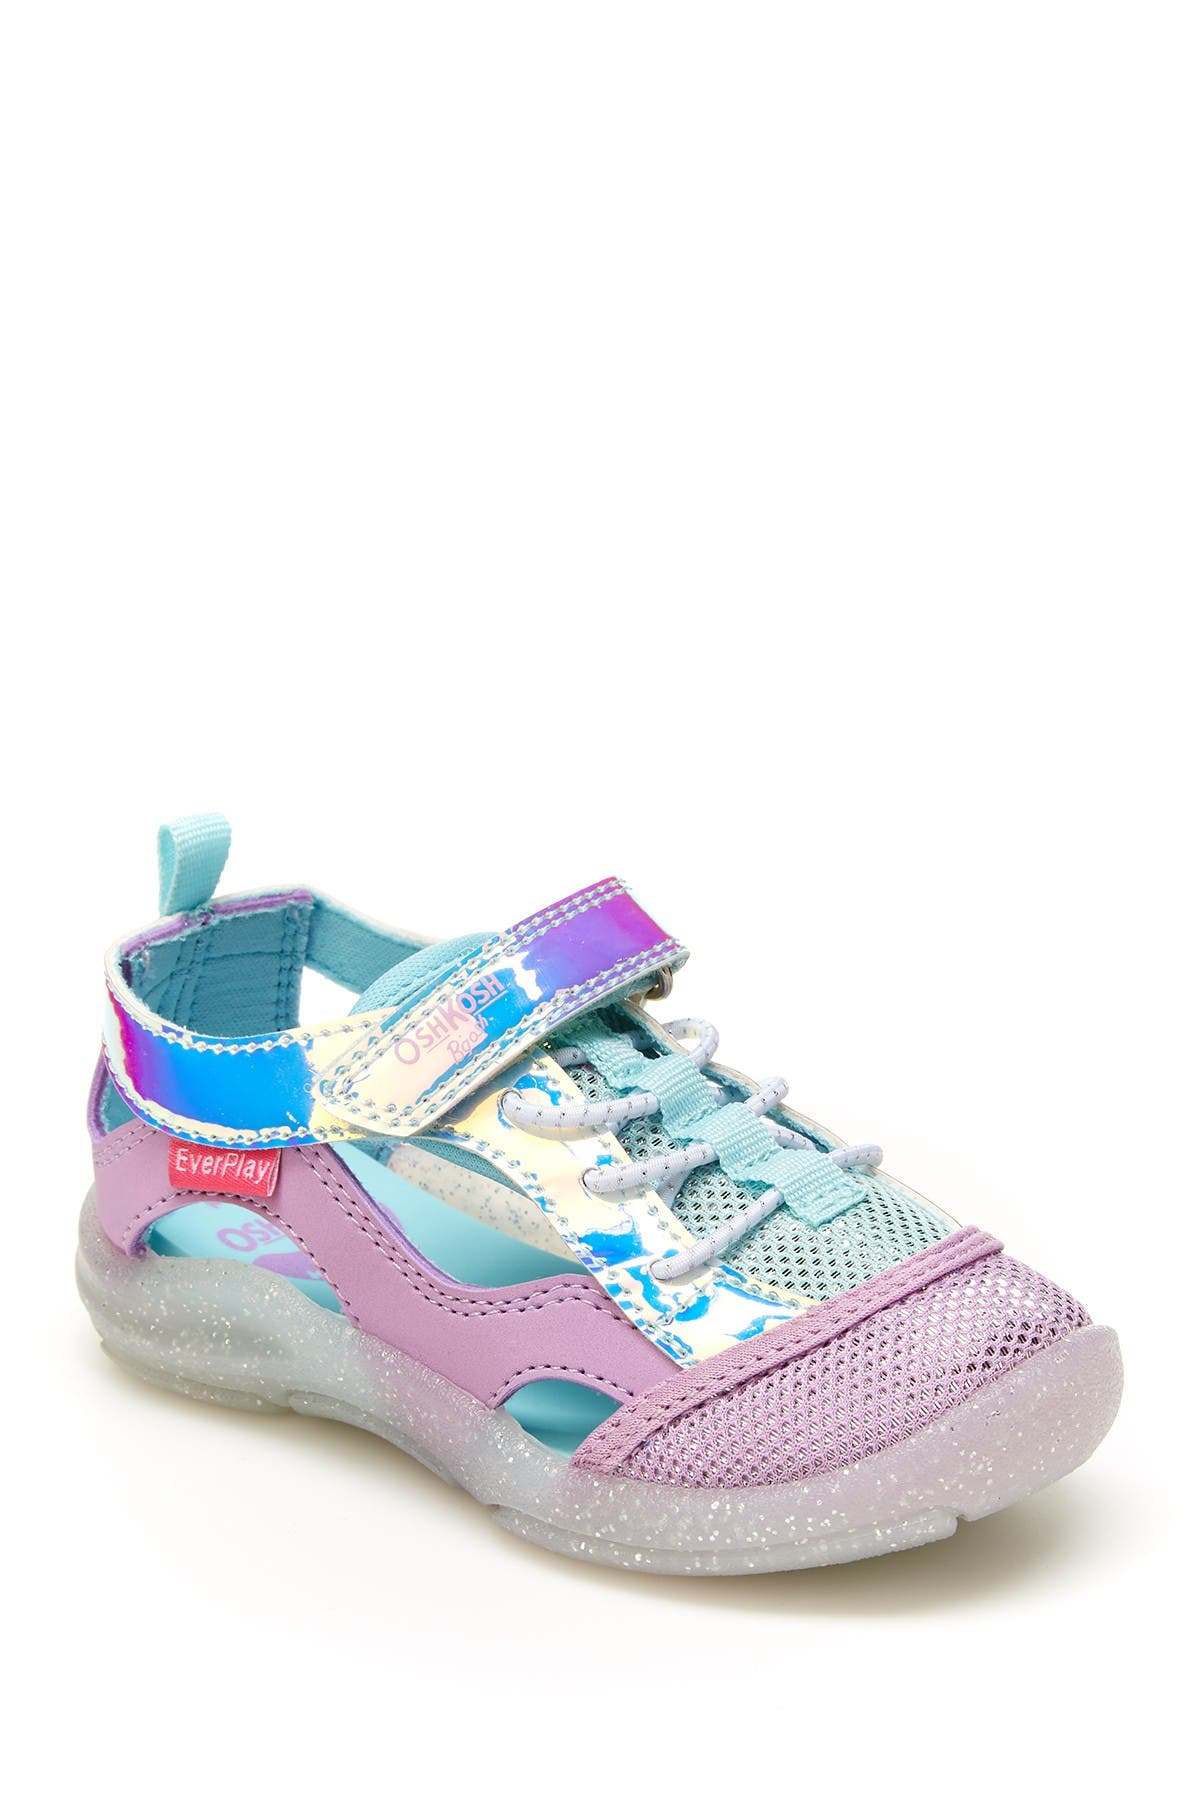 Image of OshKosh Topaz Sandal Sneaker (Toddler)